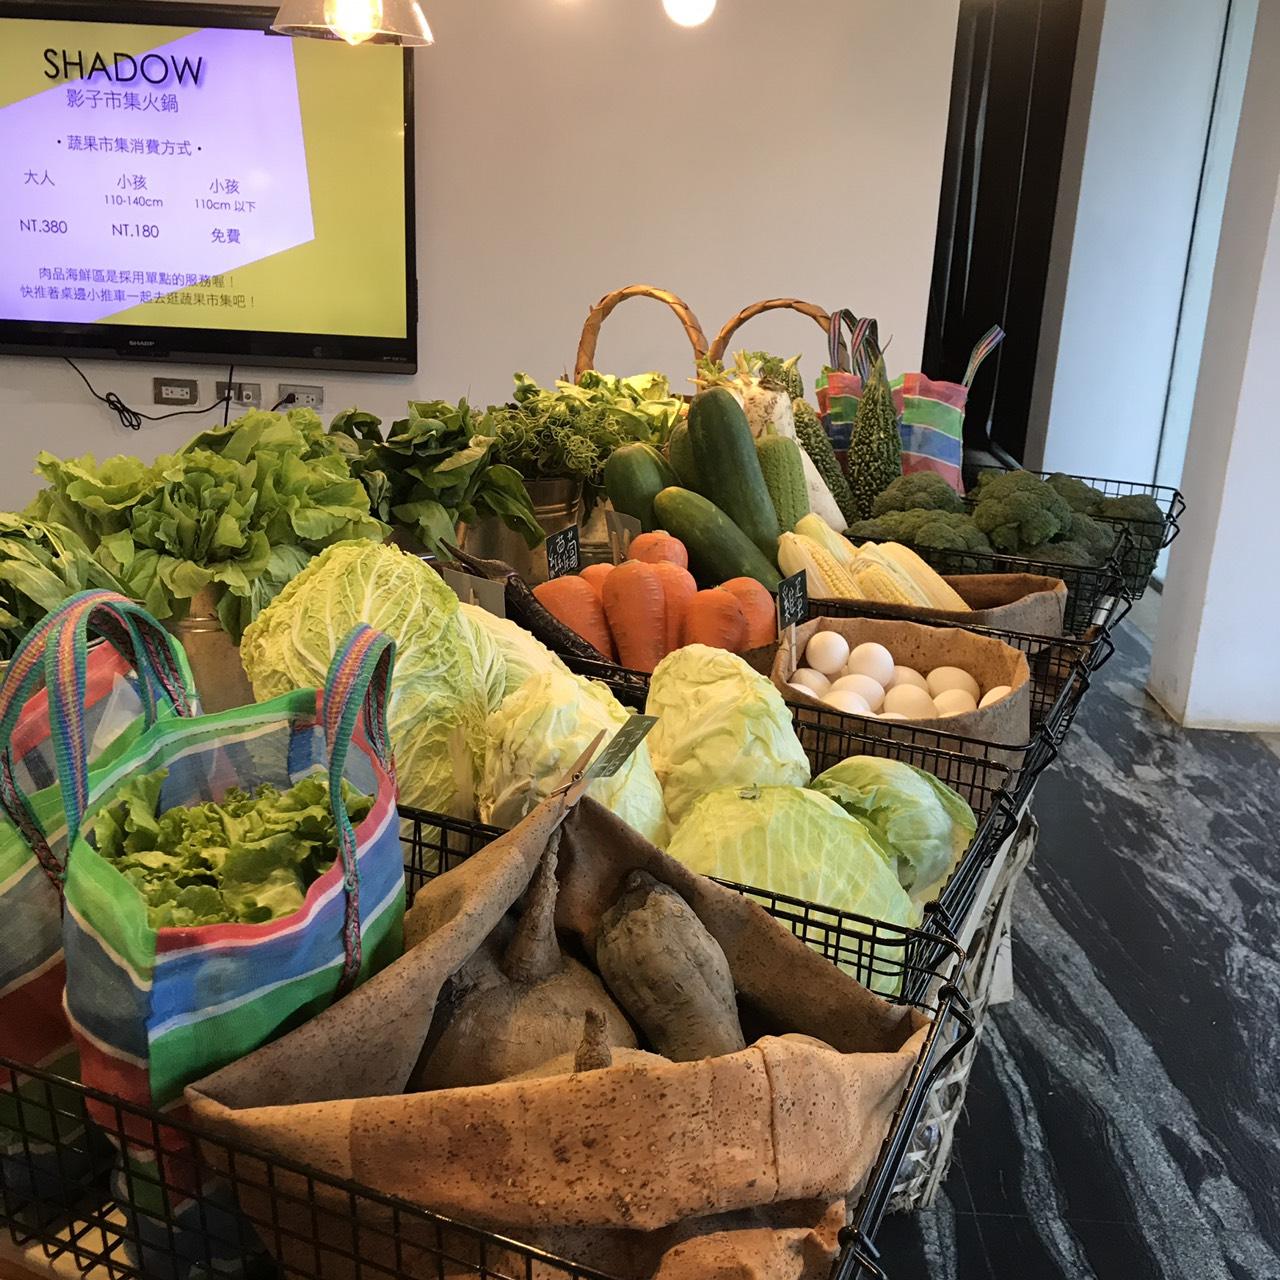 【食記】宜蘭五結鄉|人氣最旺火鍋店|影子鍋物|蔬菜自助現點現切吃到飽